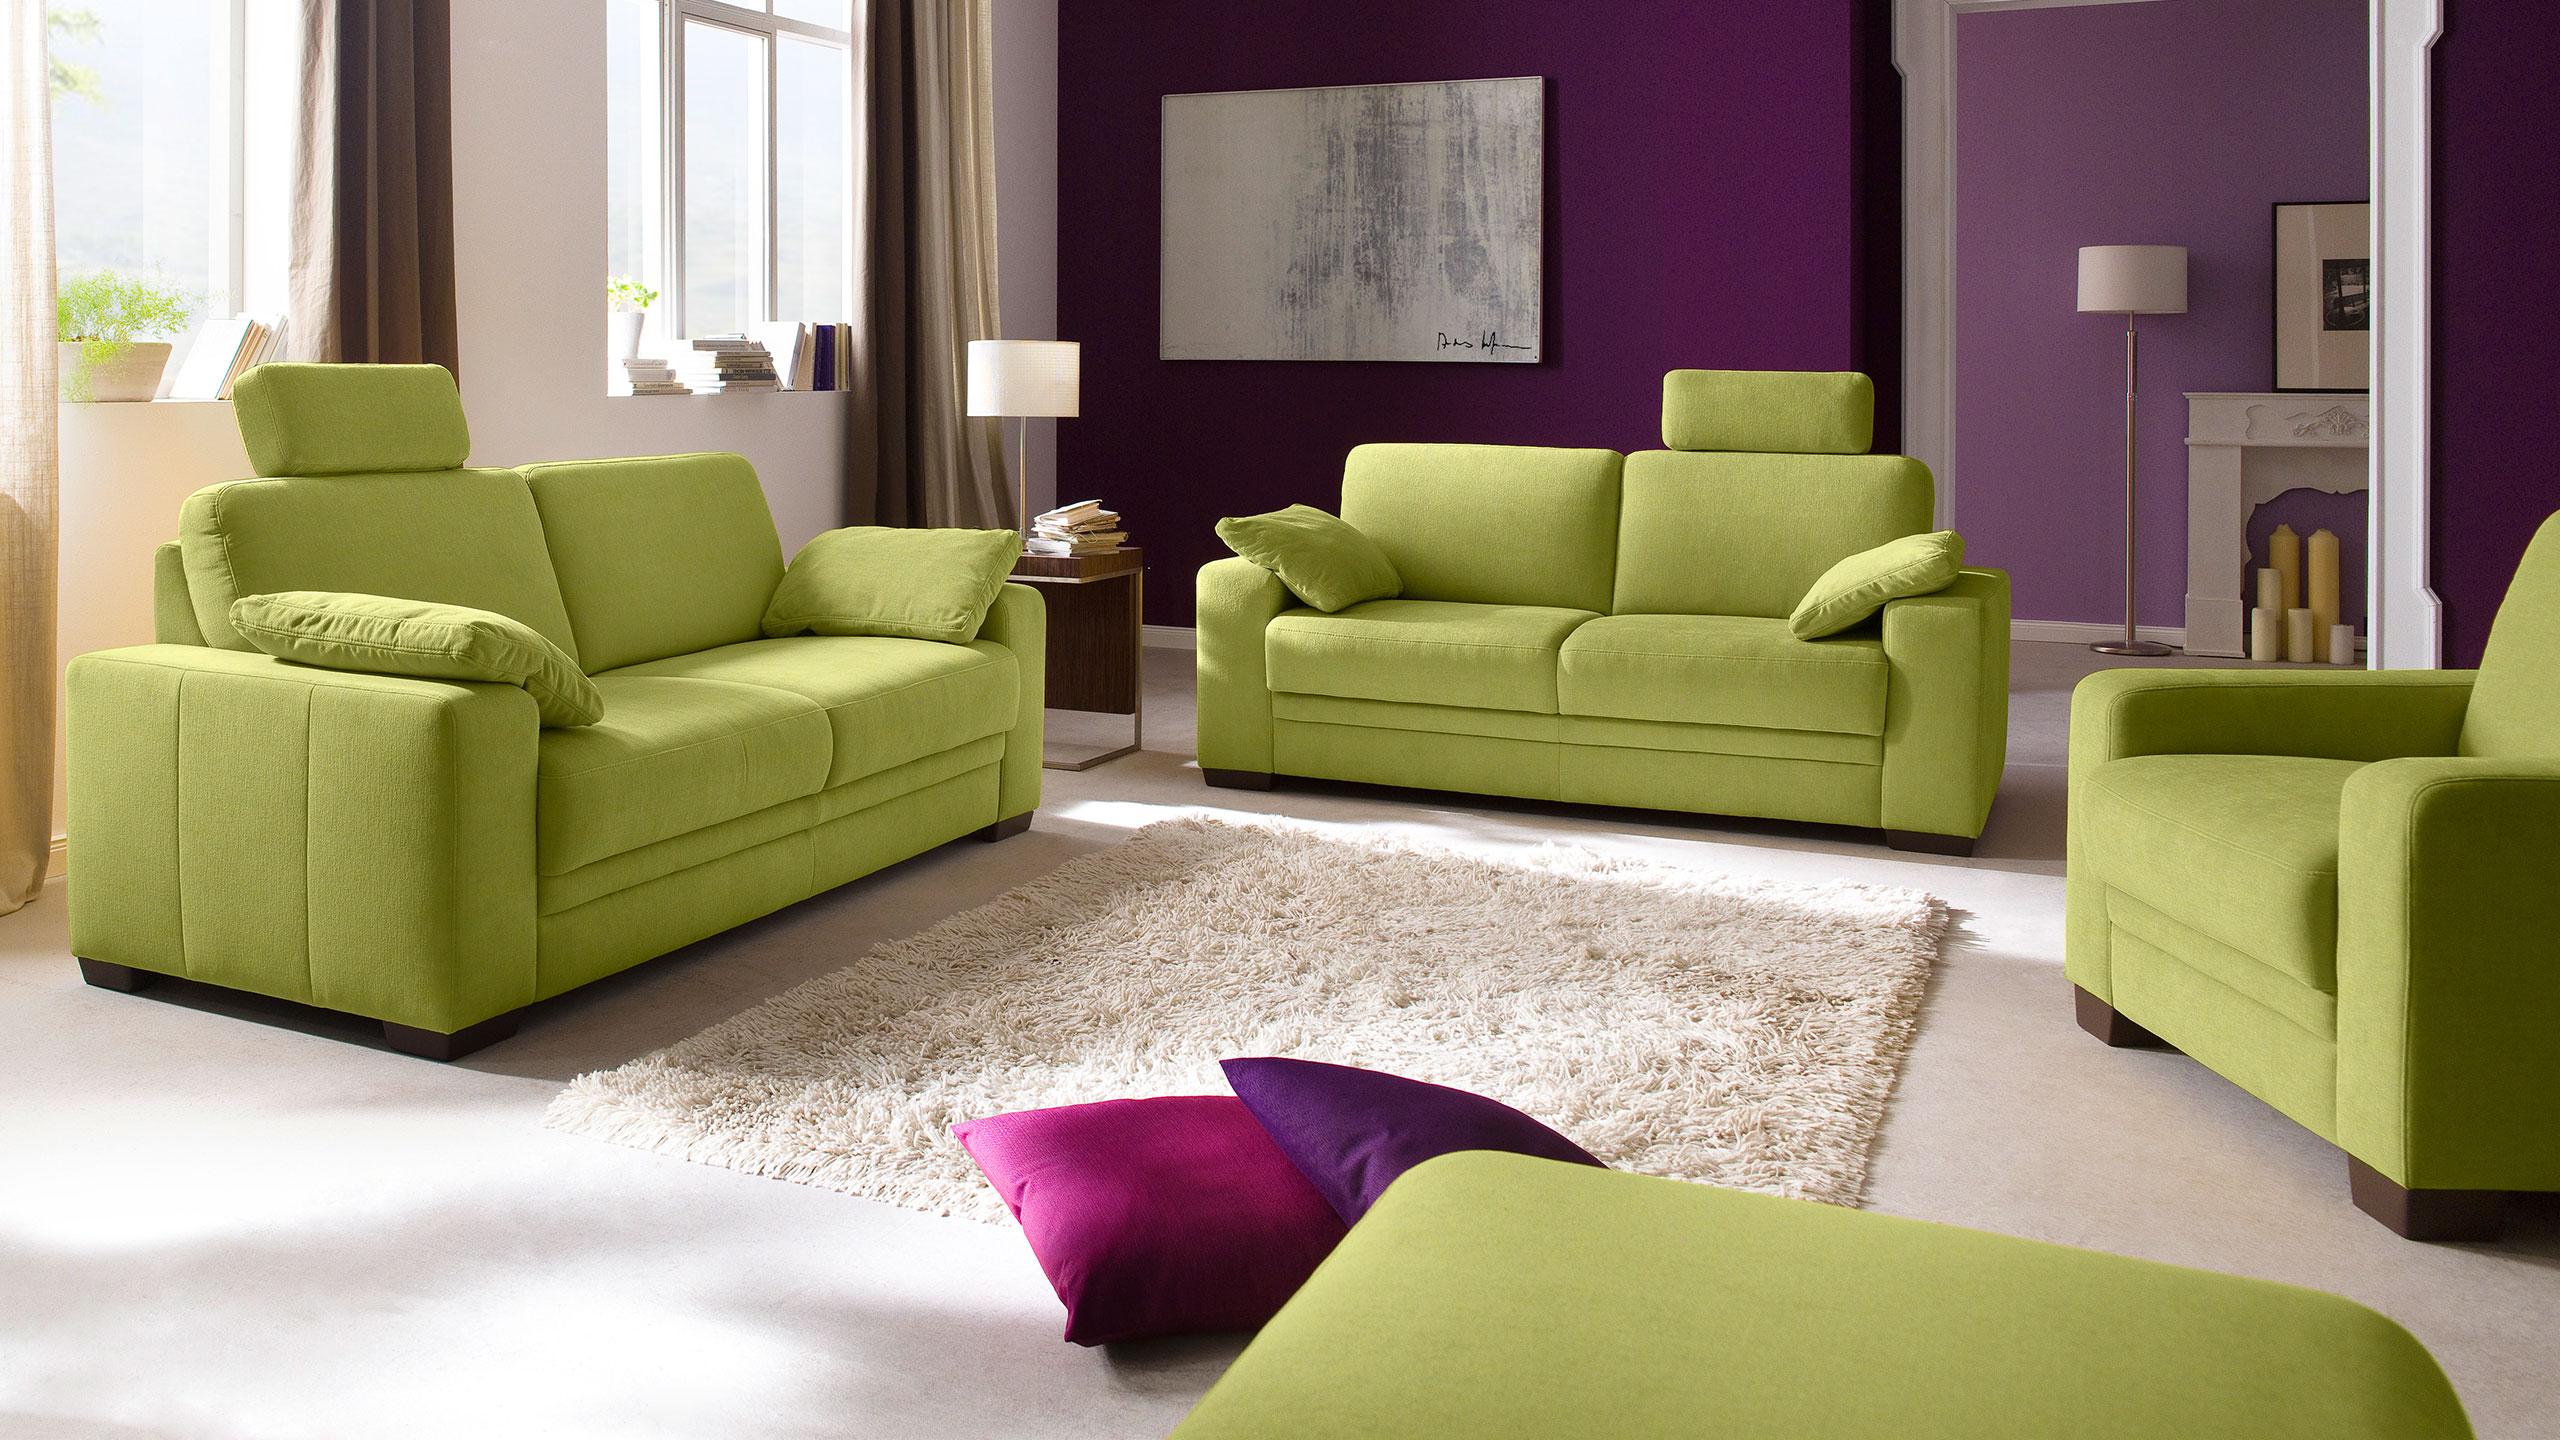 Full Size of Sofa Garnituren 3 2 1 Couch Garnitur Leder Moderne Couchgarnitur Kaufen Gebraucht Rundecke 3 Teilig Ikea Sanne Multipolster Schillig Rolf Benz Mit Sofa Sofa Garnitur